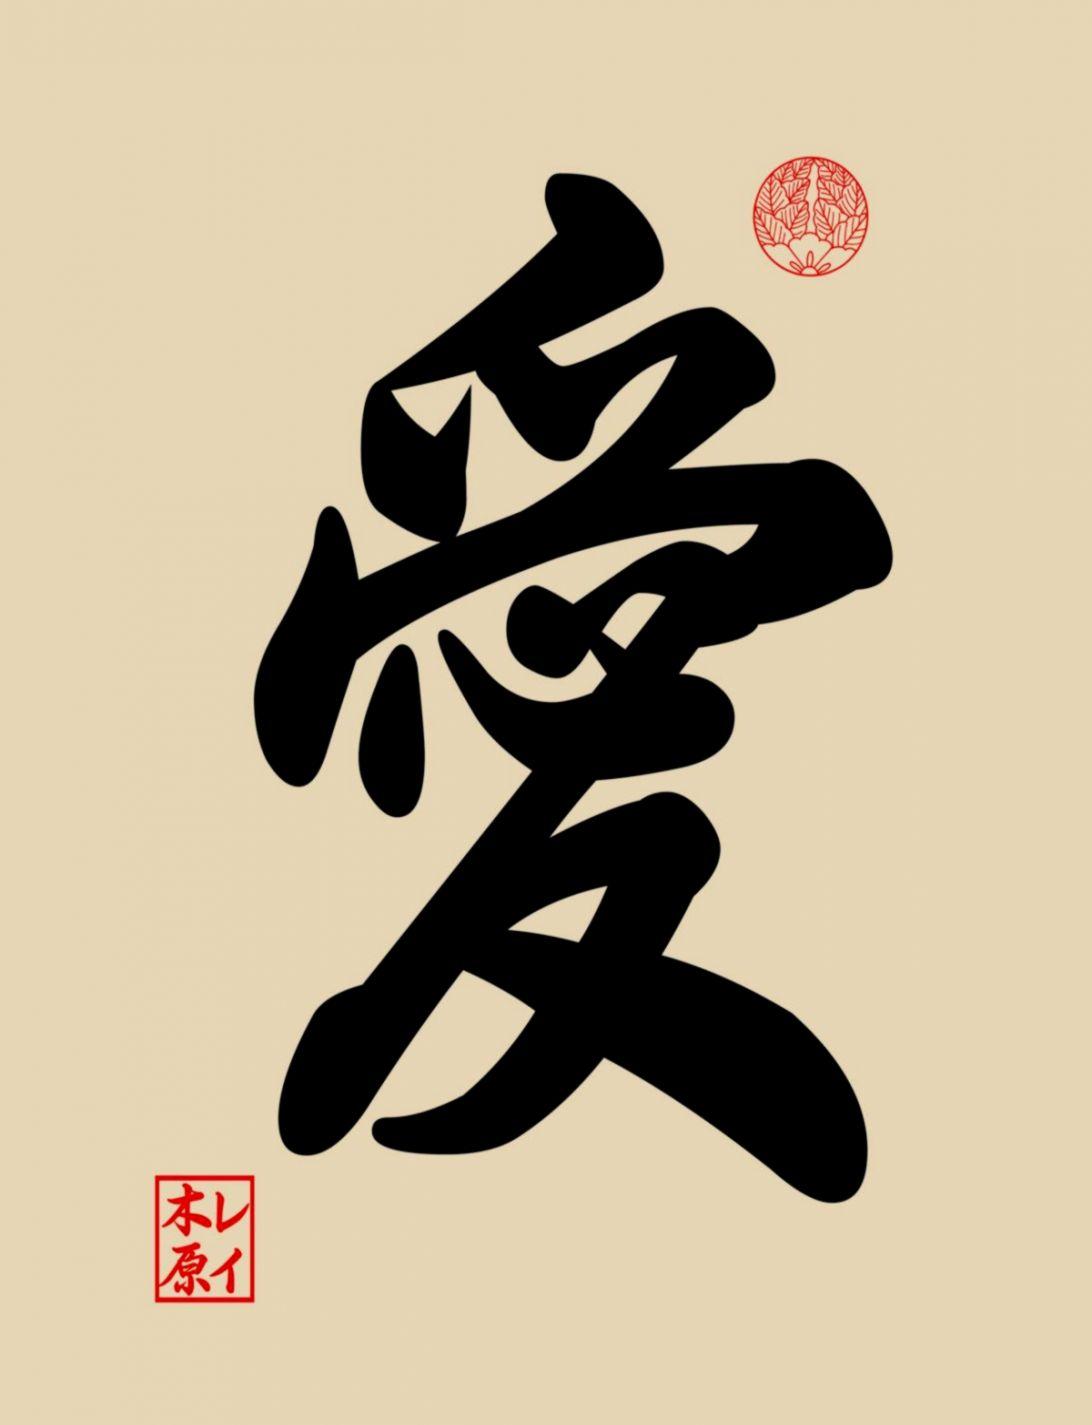 C1e6441119 Super Cheap Sells 100 Beautiful Chinese Japanese Kanji